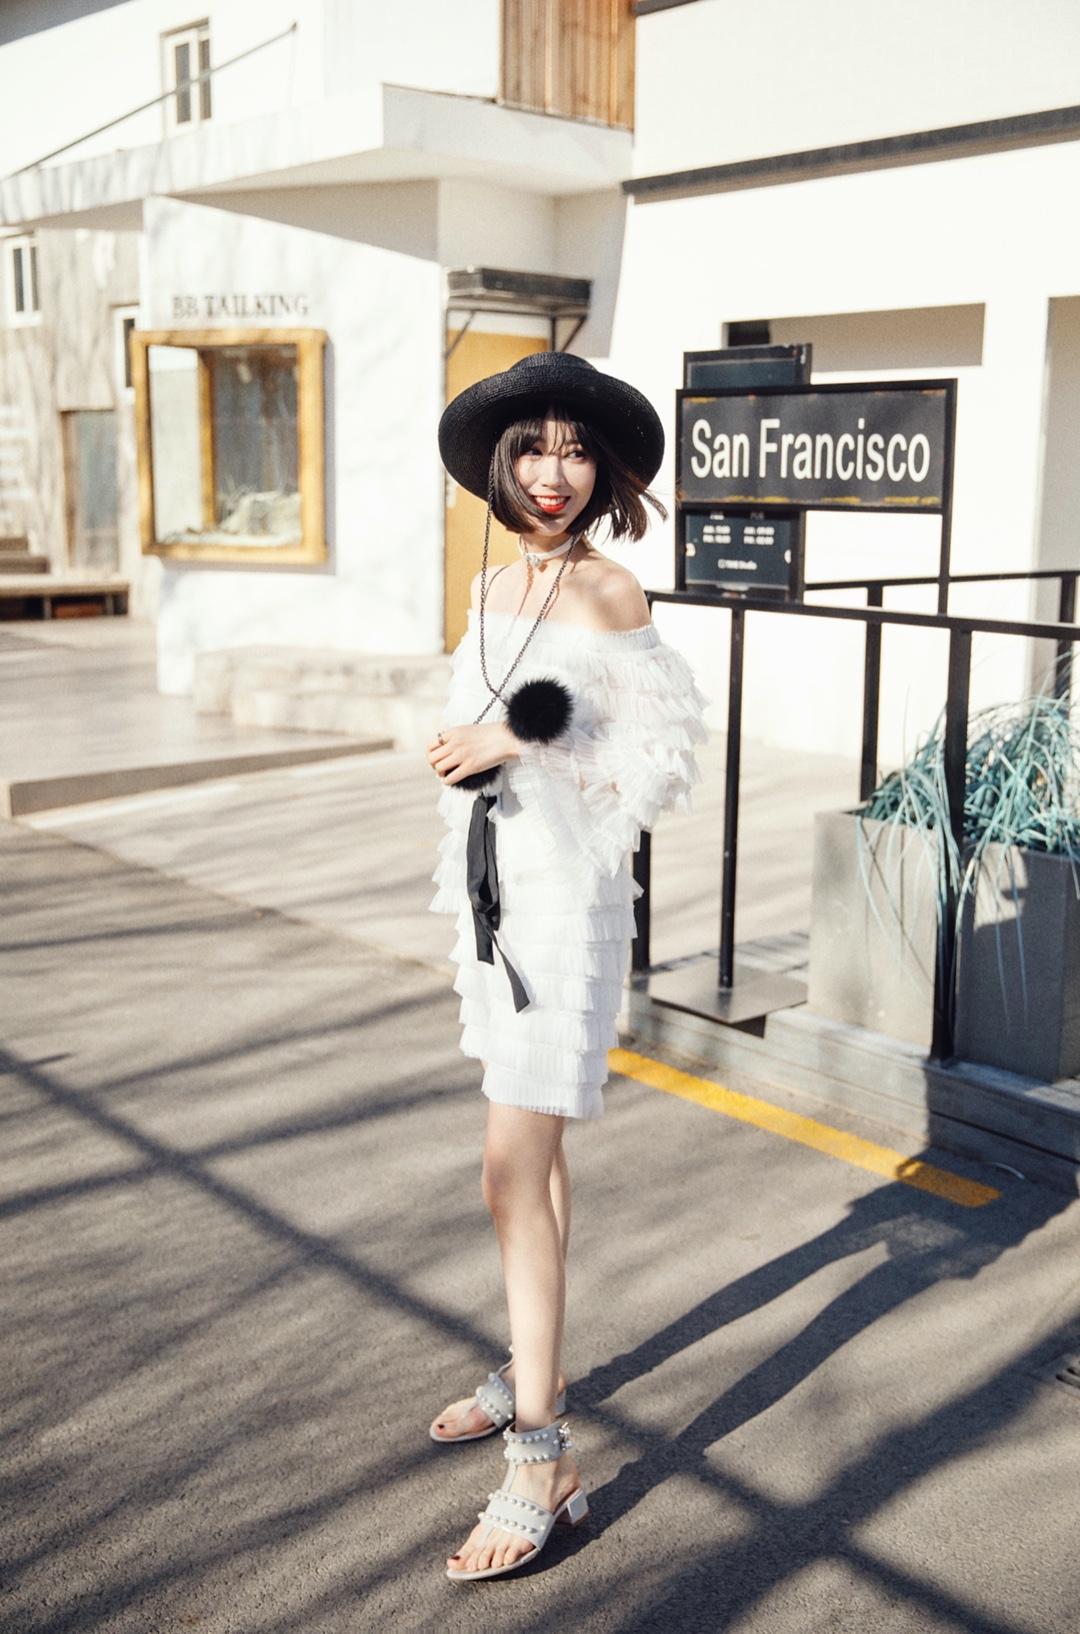 怎么穿又仙又性感又大方且显身材比例呢?可以选择小露香肩的一字领,露出好看的锁骨和肩部线条,脖子可以搭配配饰更精致哦~小个子的姑娘可以选择膝盖以上的短款连衣裙,加上收腰的高腰腰封,想不瘦不高都不行😌 帽子:SHINE LI Choker:SHINE LI 裙子:MOOD X MIURA 鞋子:Chin Chin #初夏设计师品牌上新#